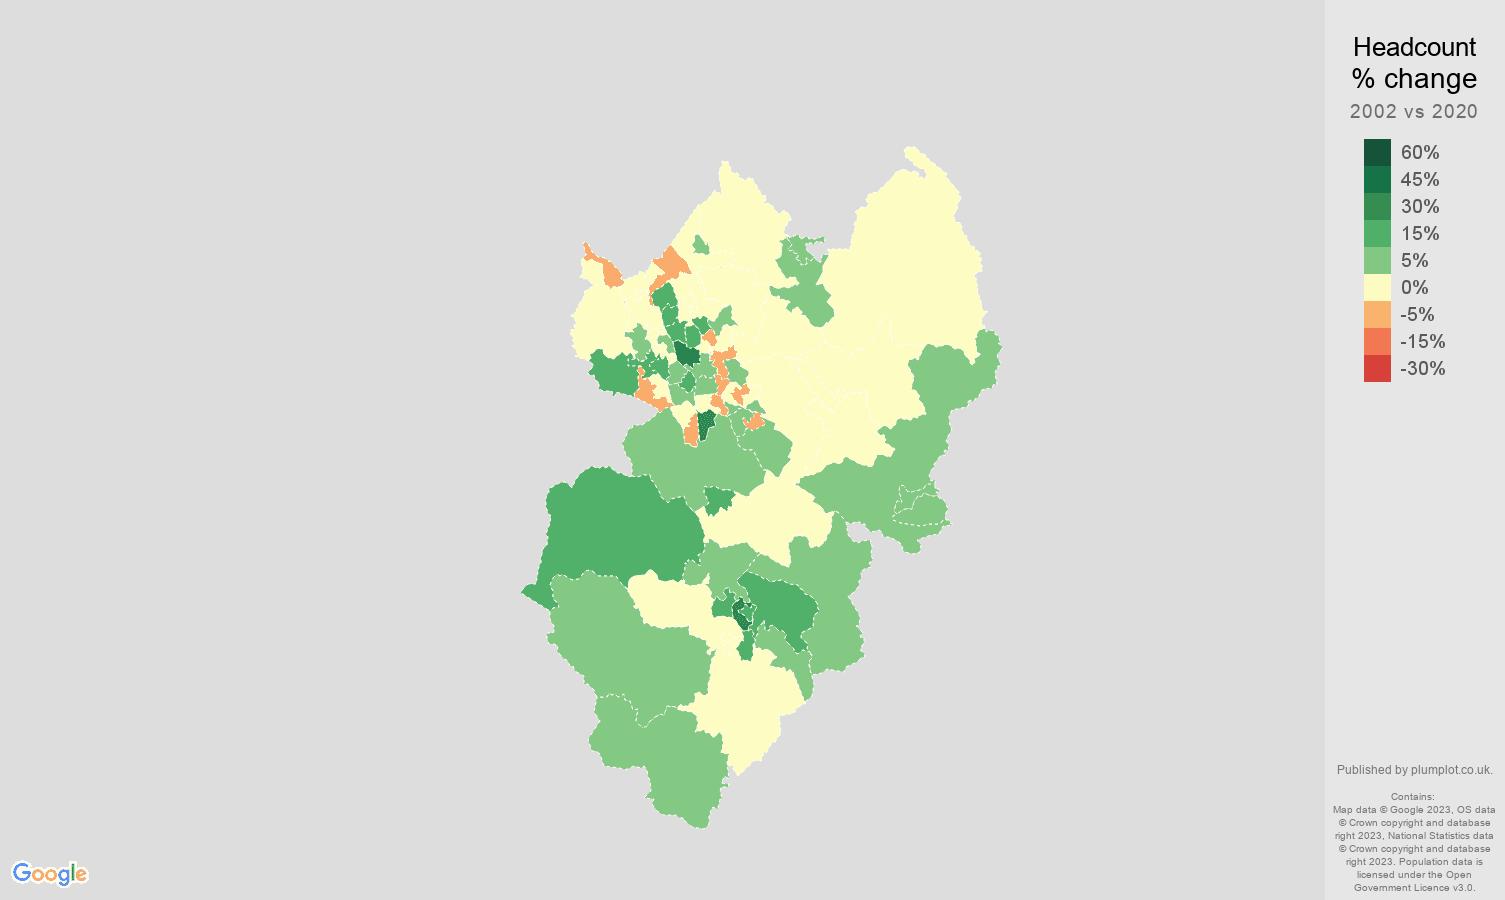 Stoke on Trent headcount change map